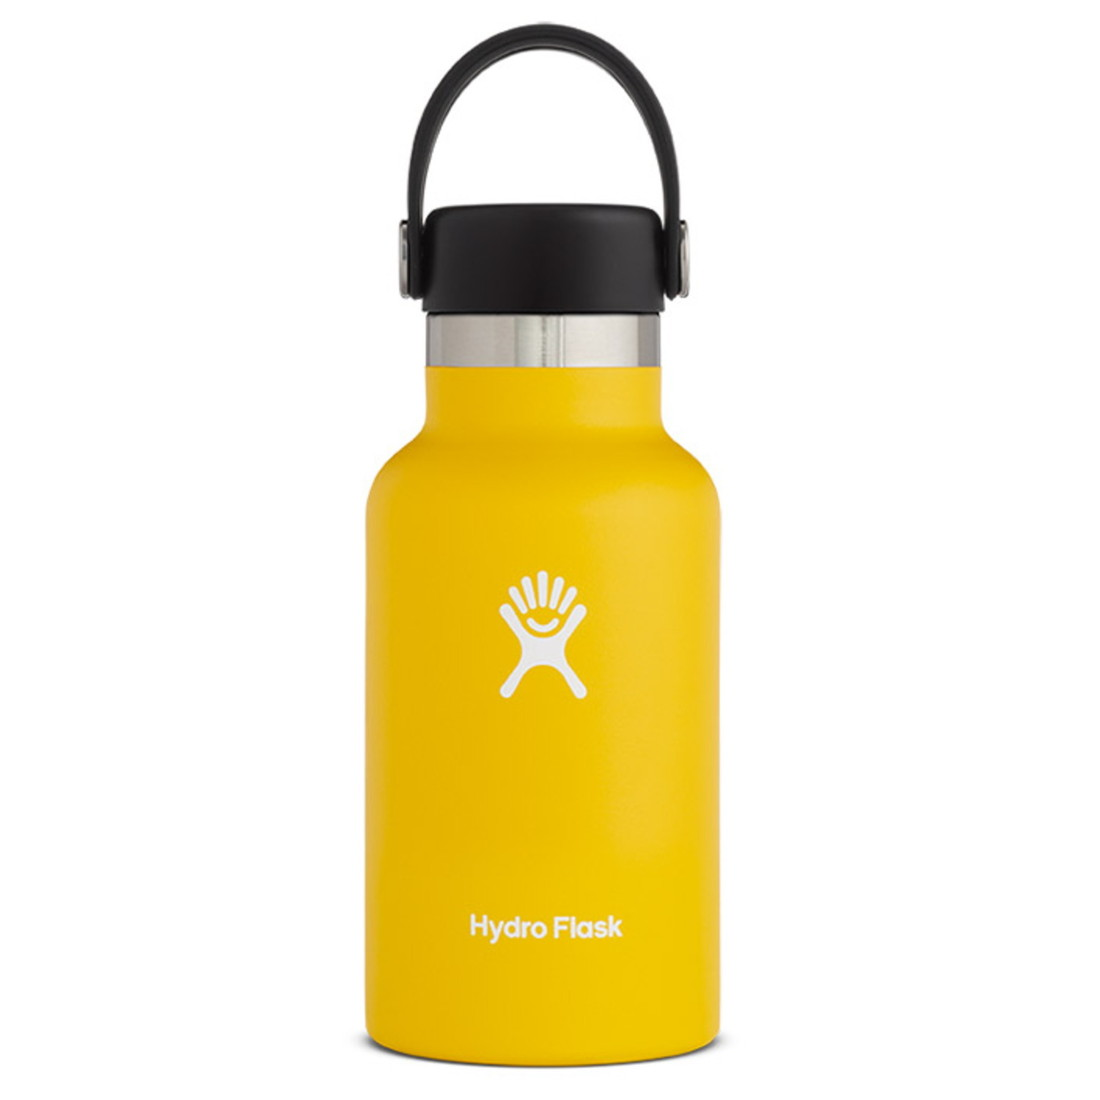 ハイドロフラスク スタンダードマウス12oz 保温 保冷 ボトル 水筒  国内正規品